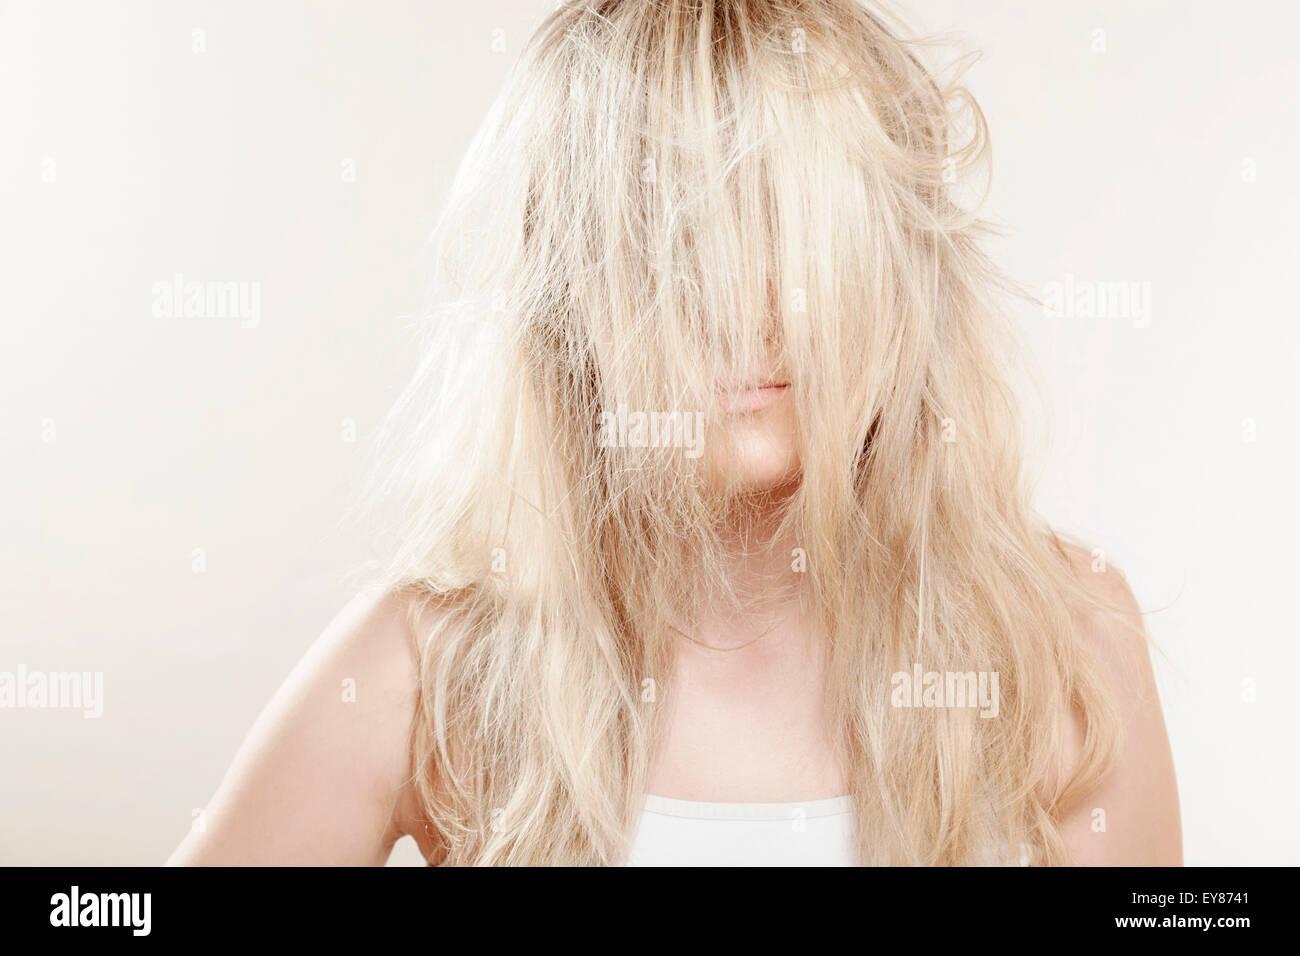 Junge Frau, blondes Haar bedeckte Gesicht Stockbild